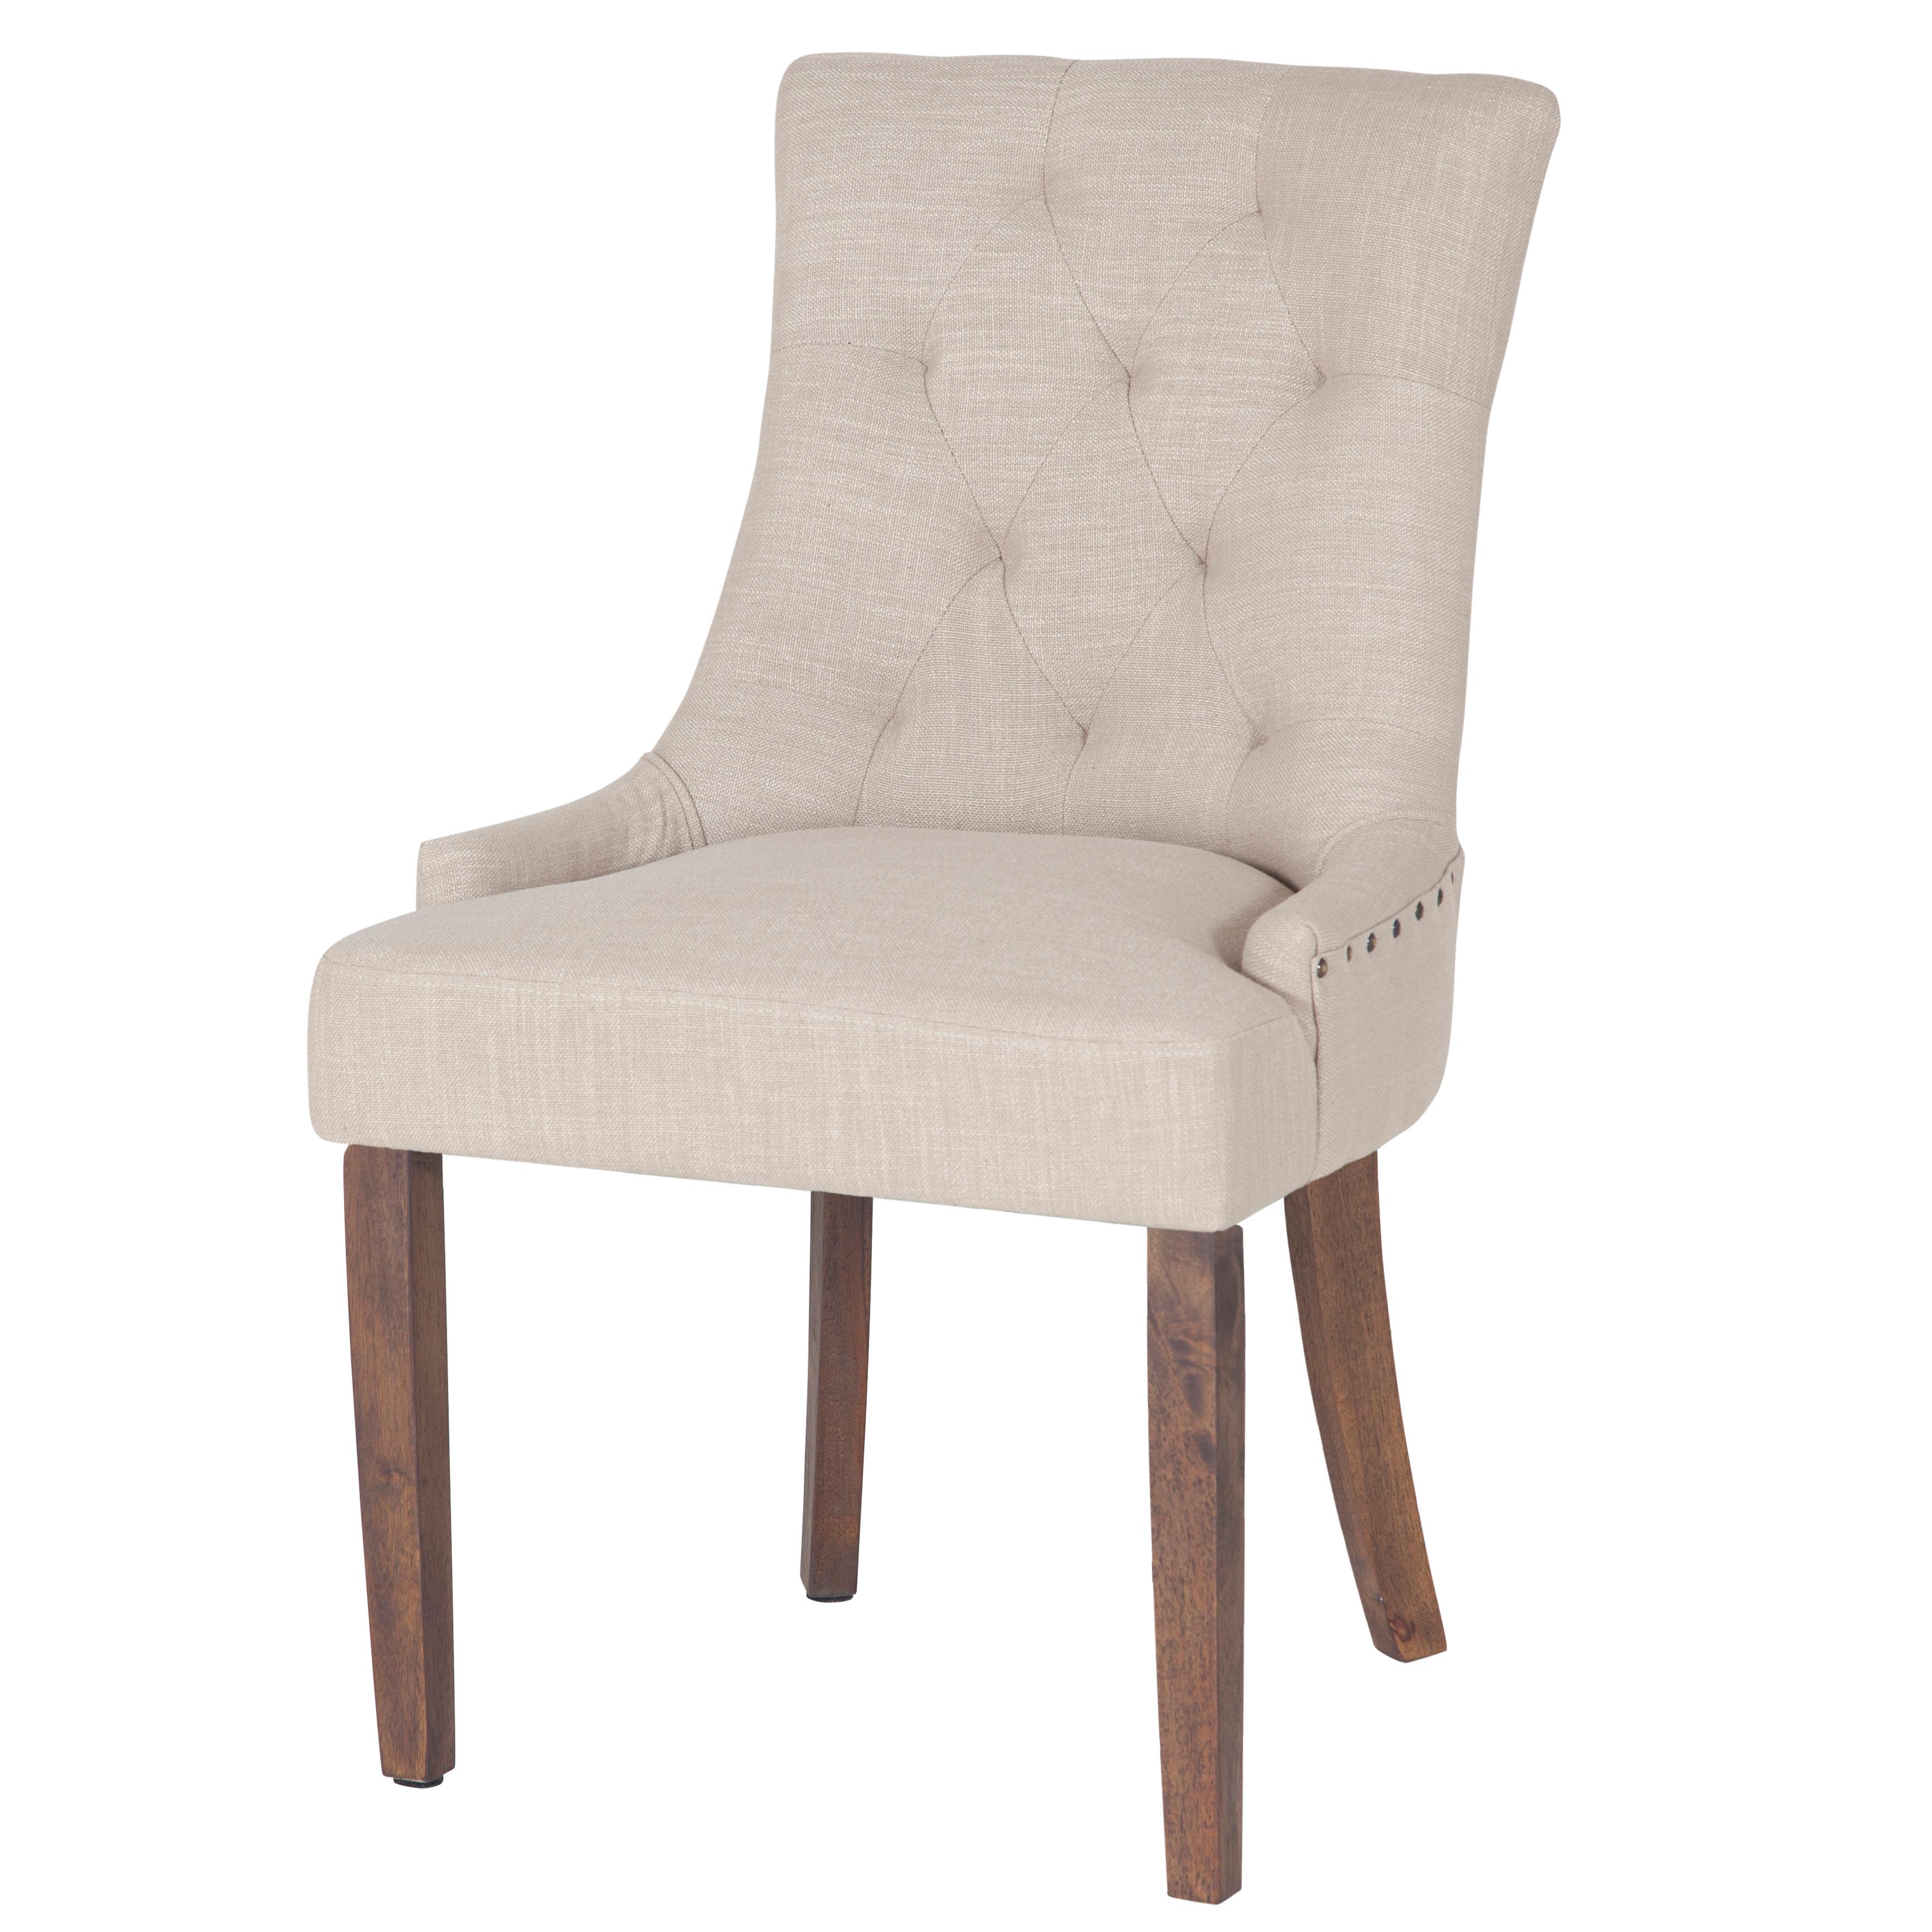 Tuva stol, beige - Bruna ben